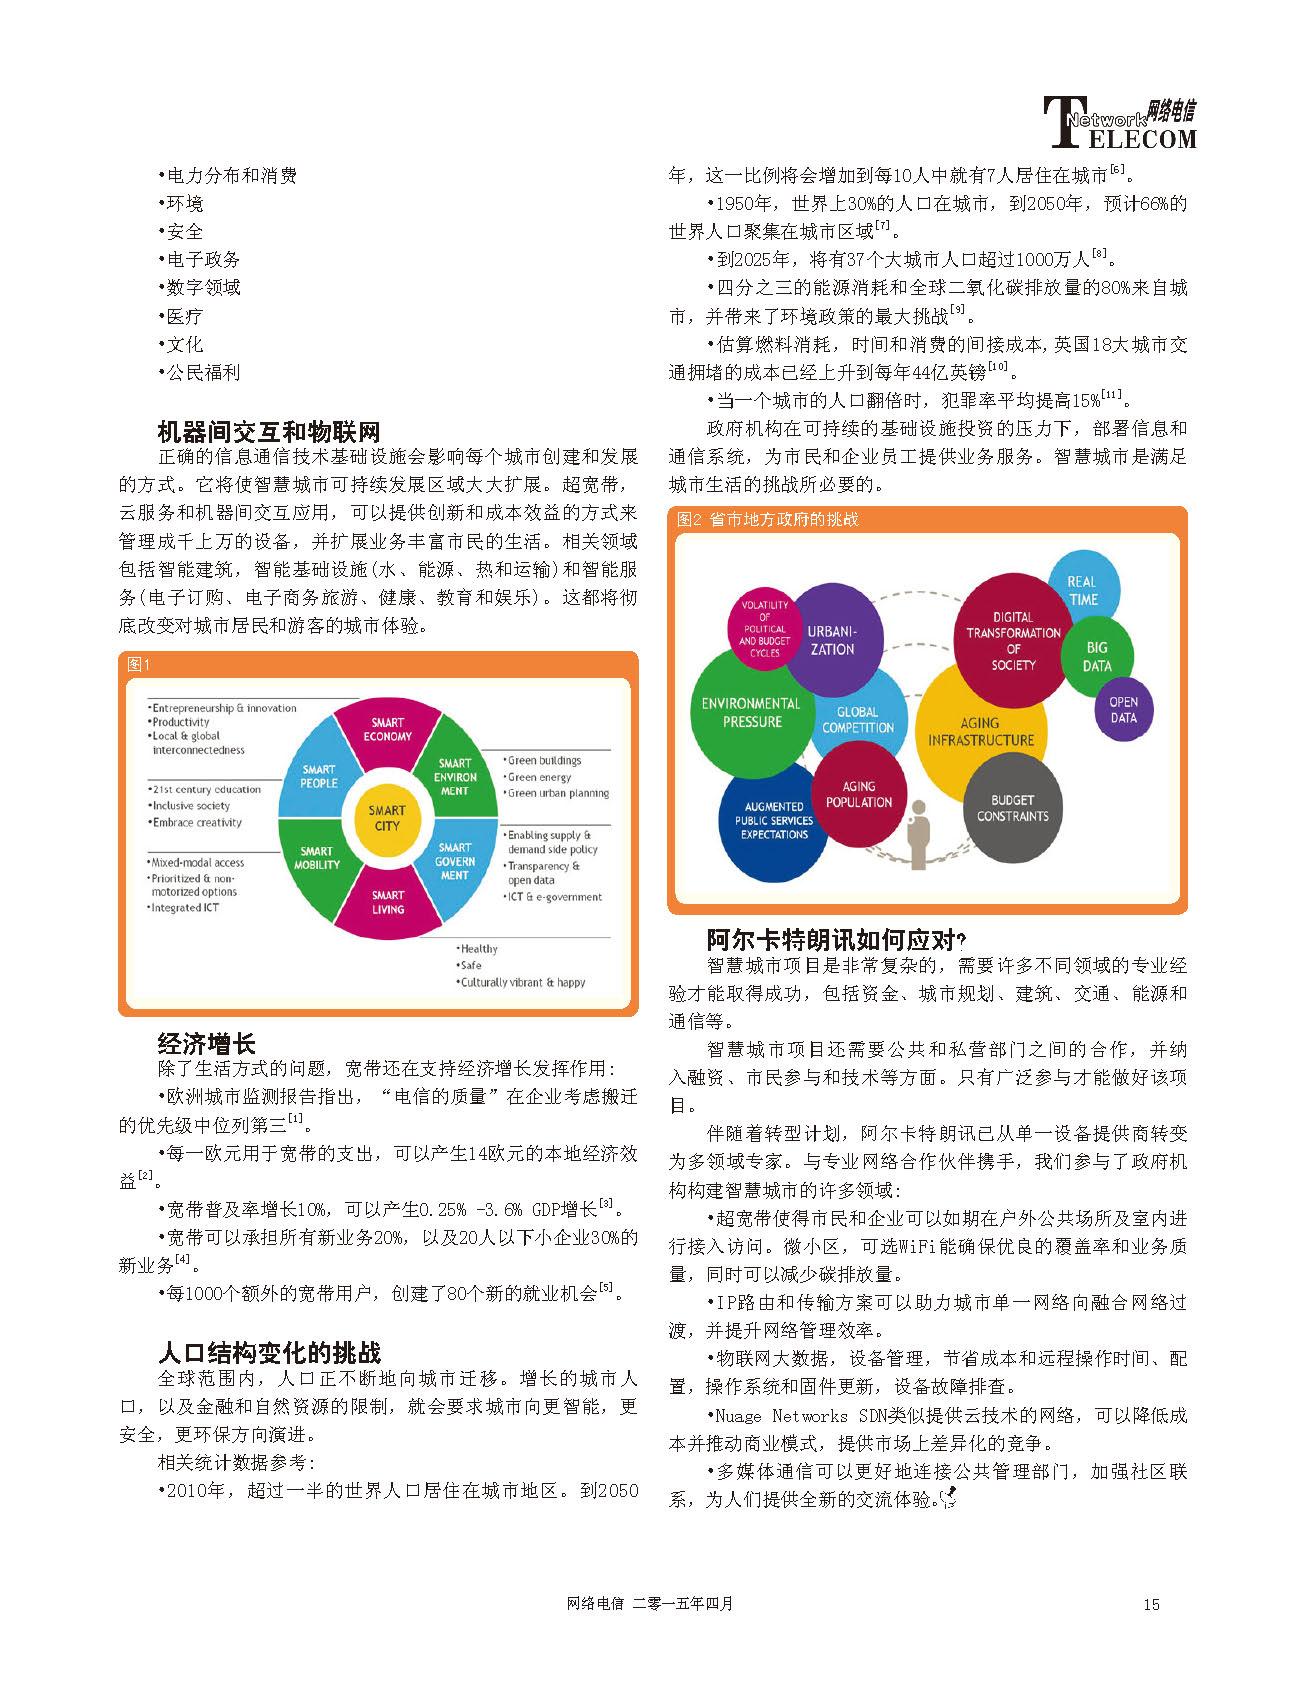 电信2015-04_页面_15.jpg